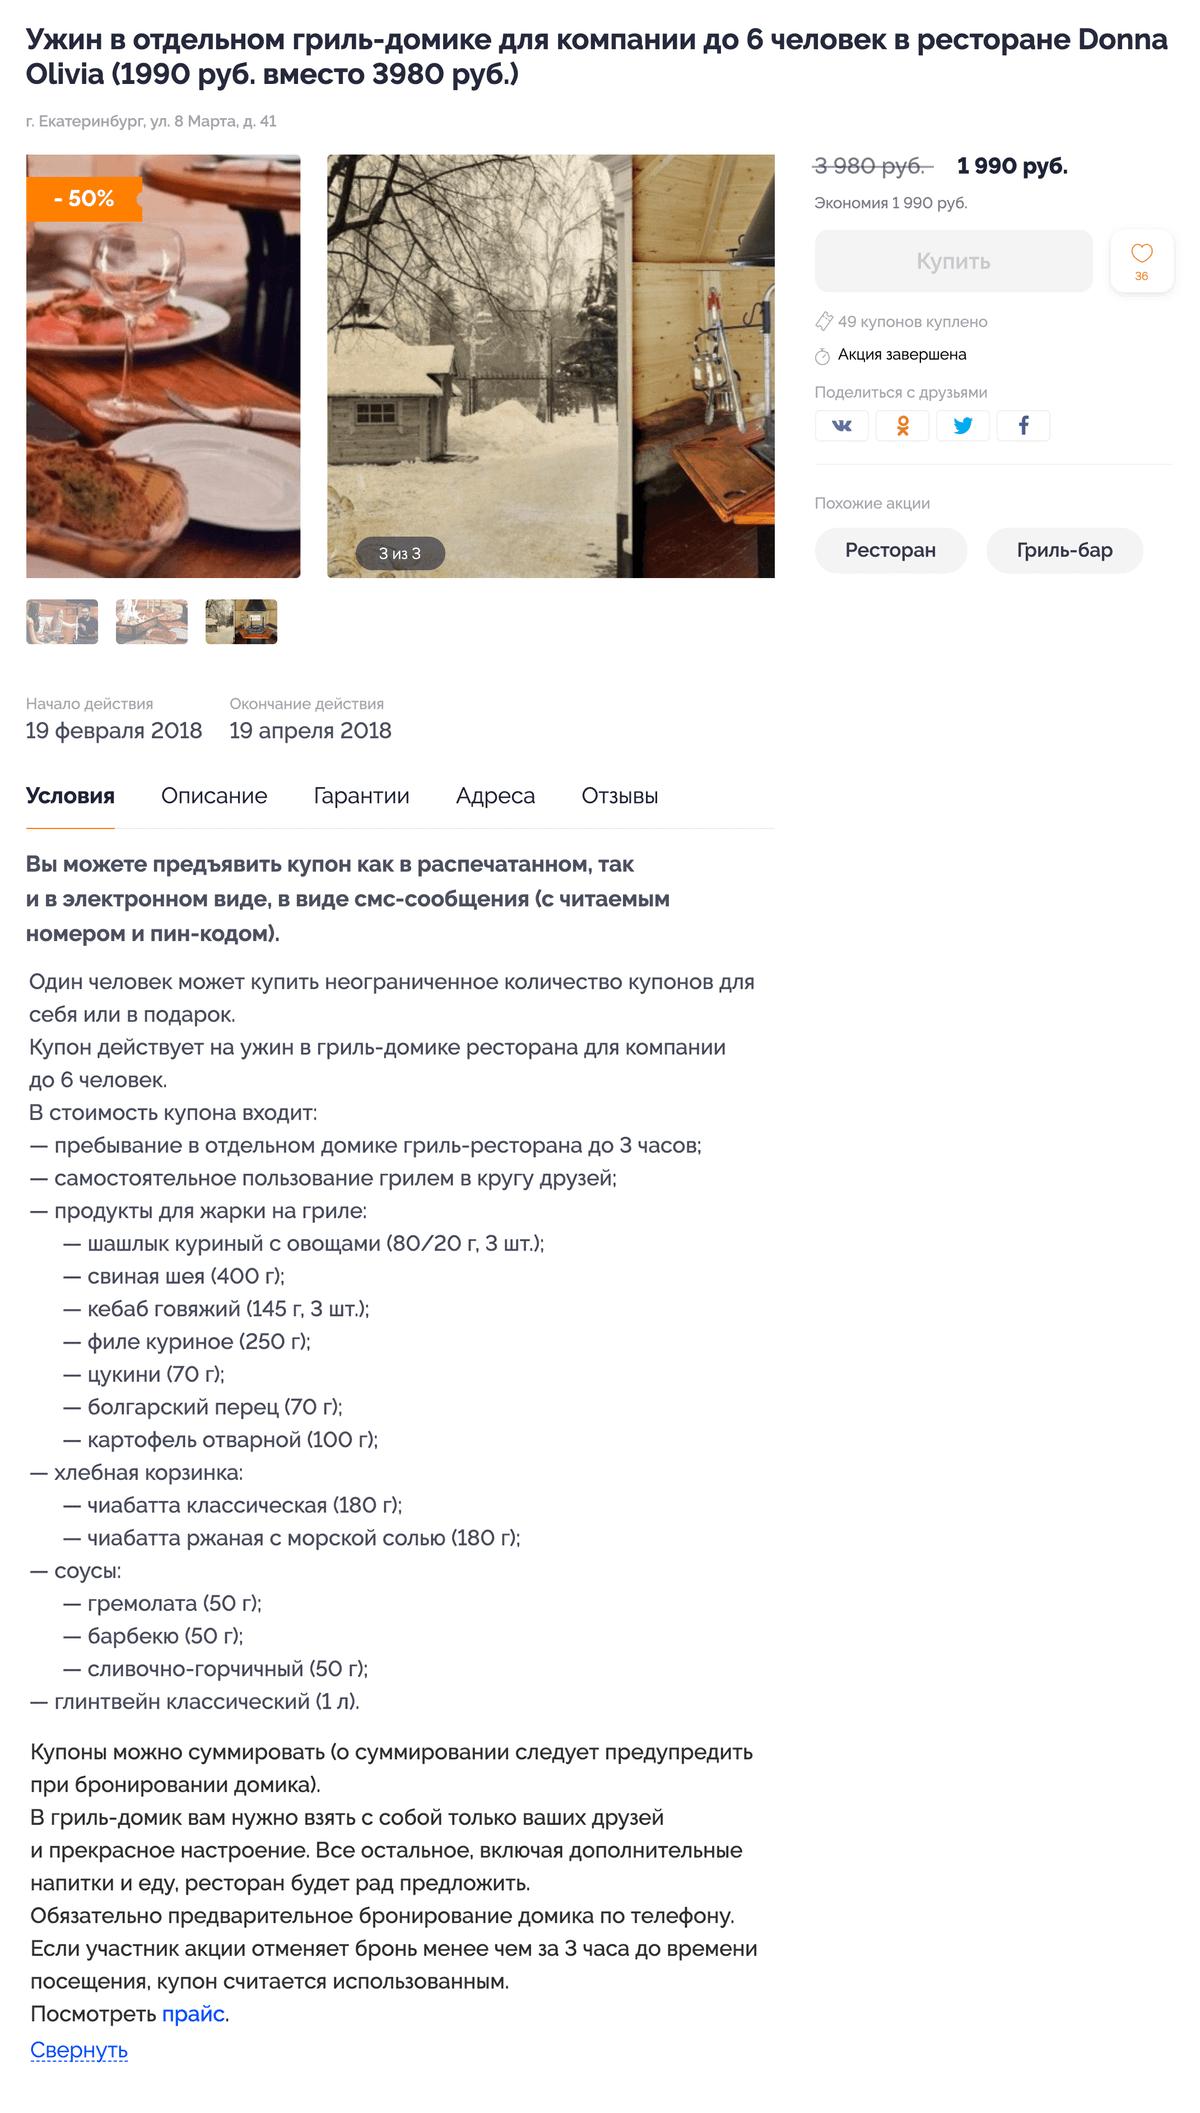 Подробное описание услуги в купоне на аренду гриль-домика